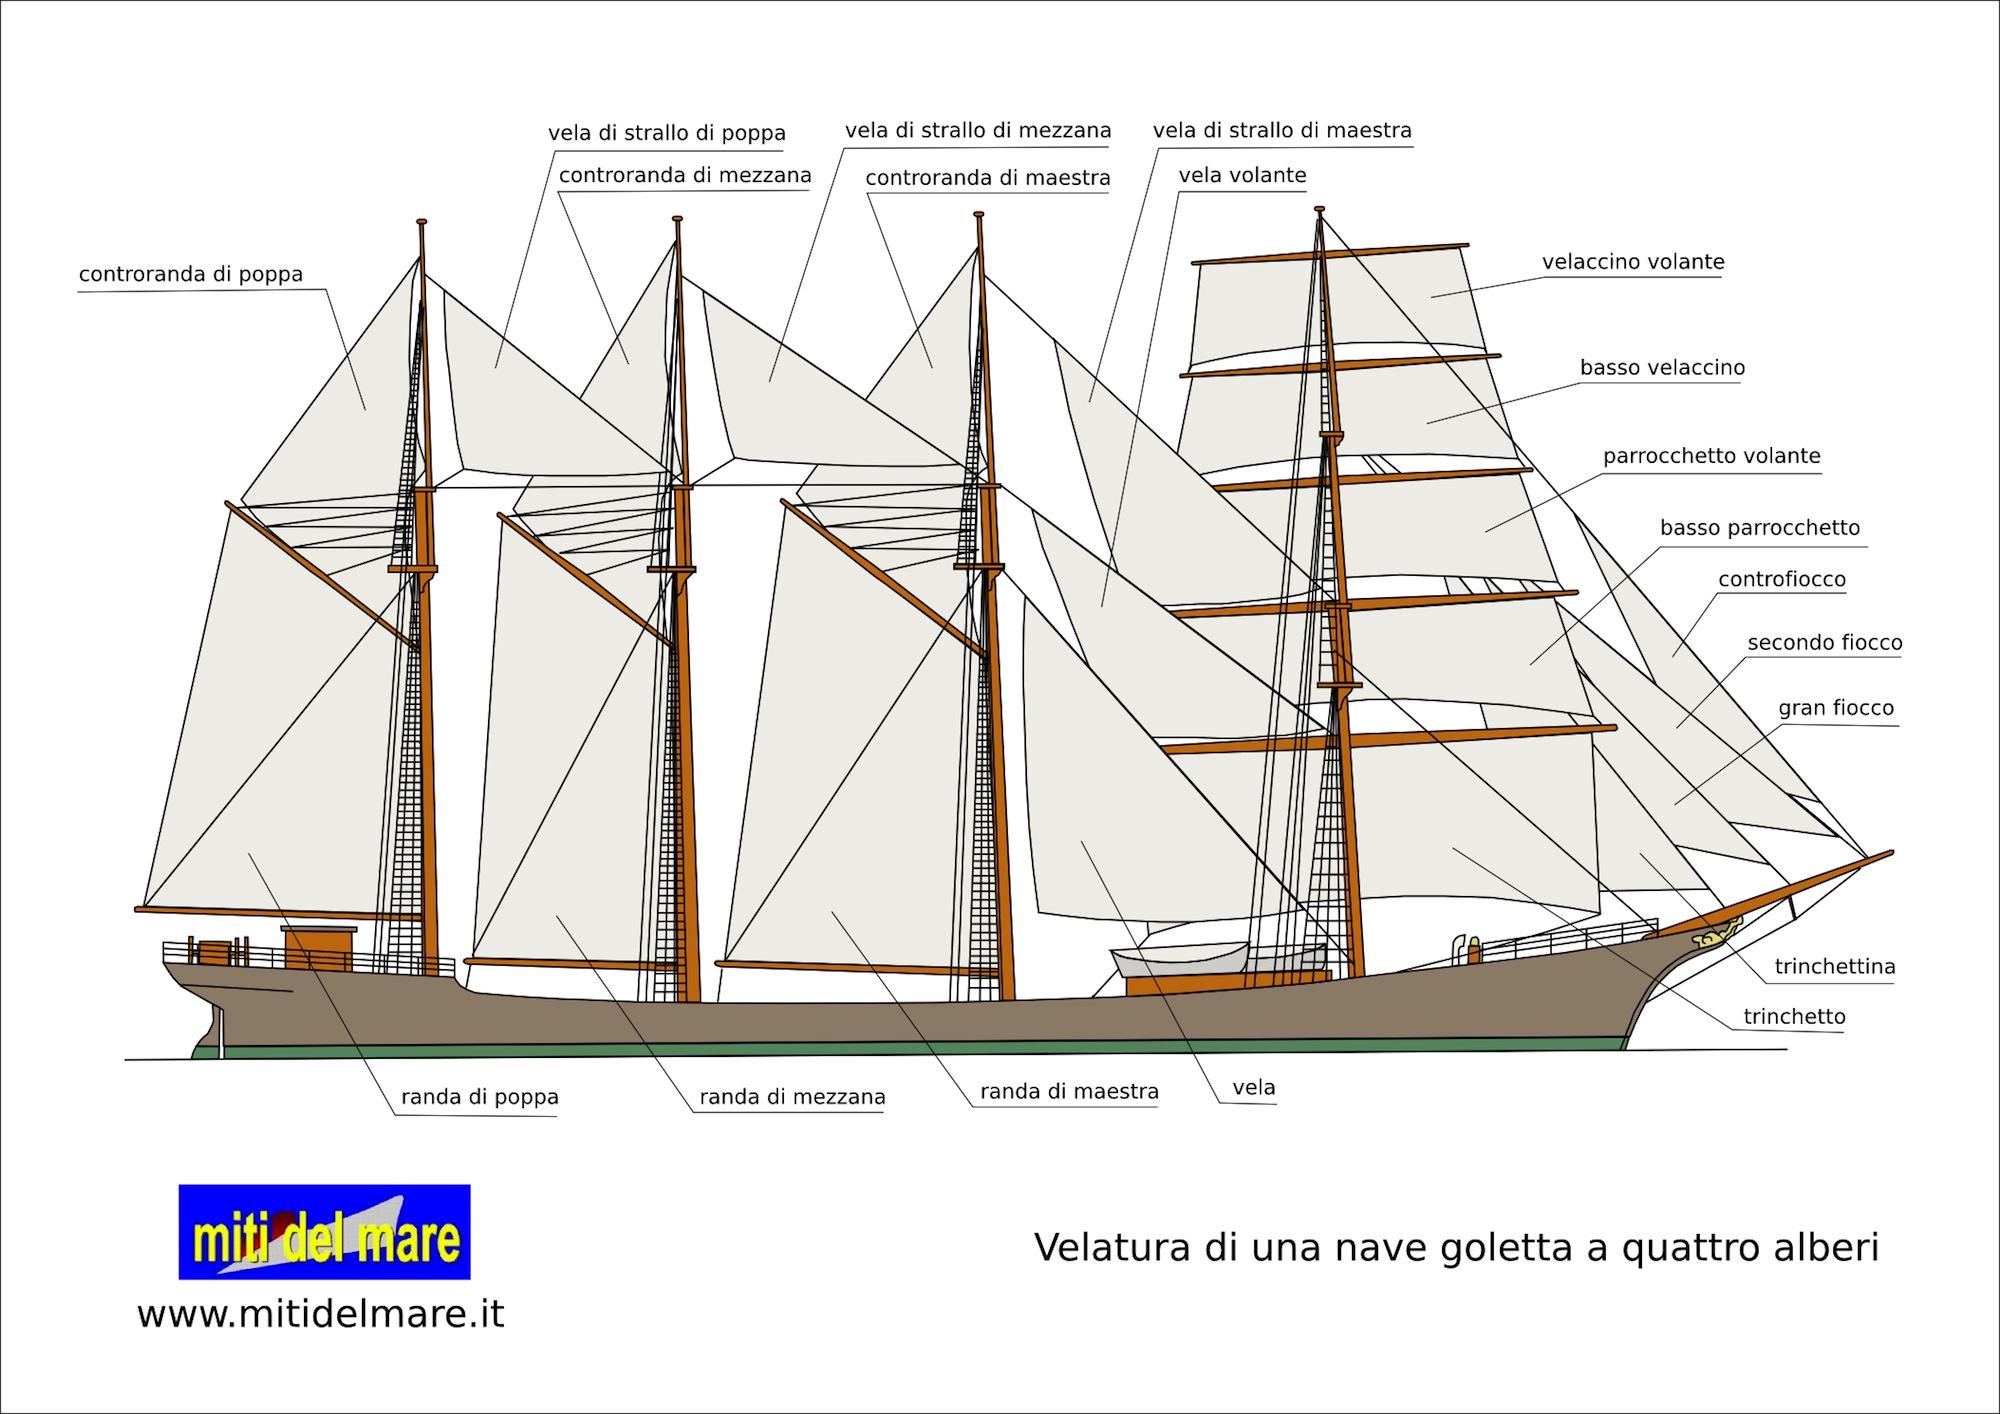 La tempesta perfetta di una nave merci in mare forza 10 for Maestro nelle planimetrie principali